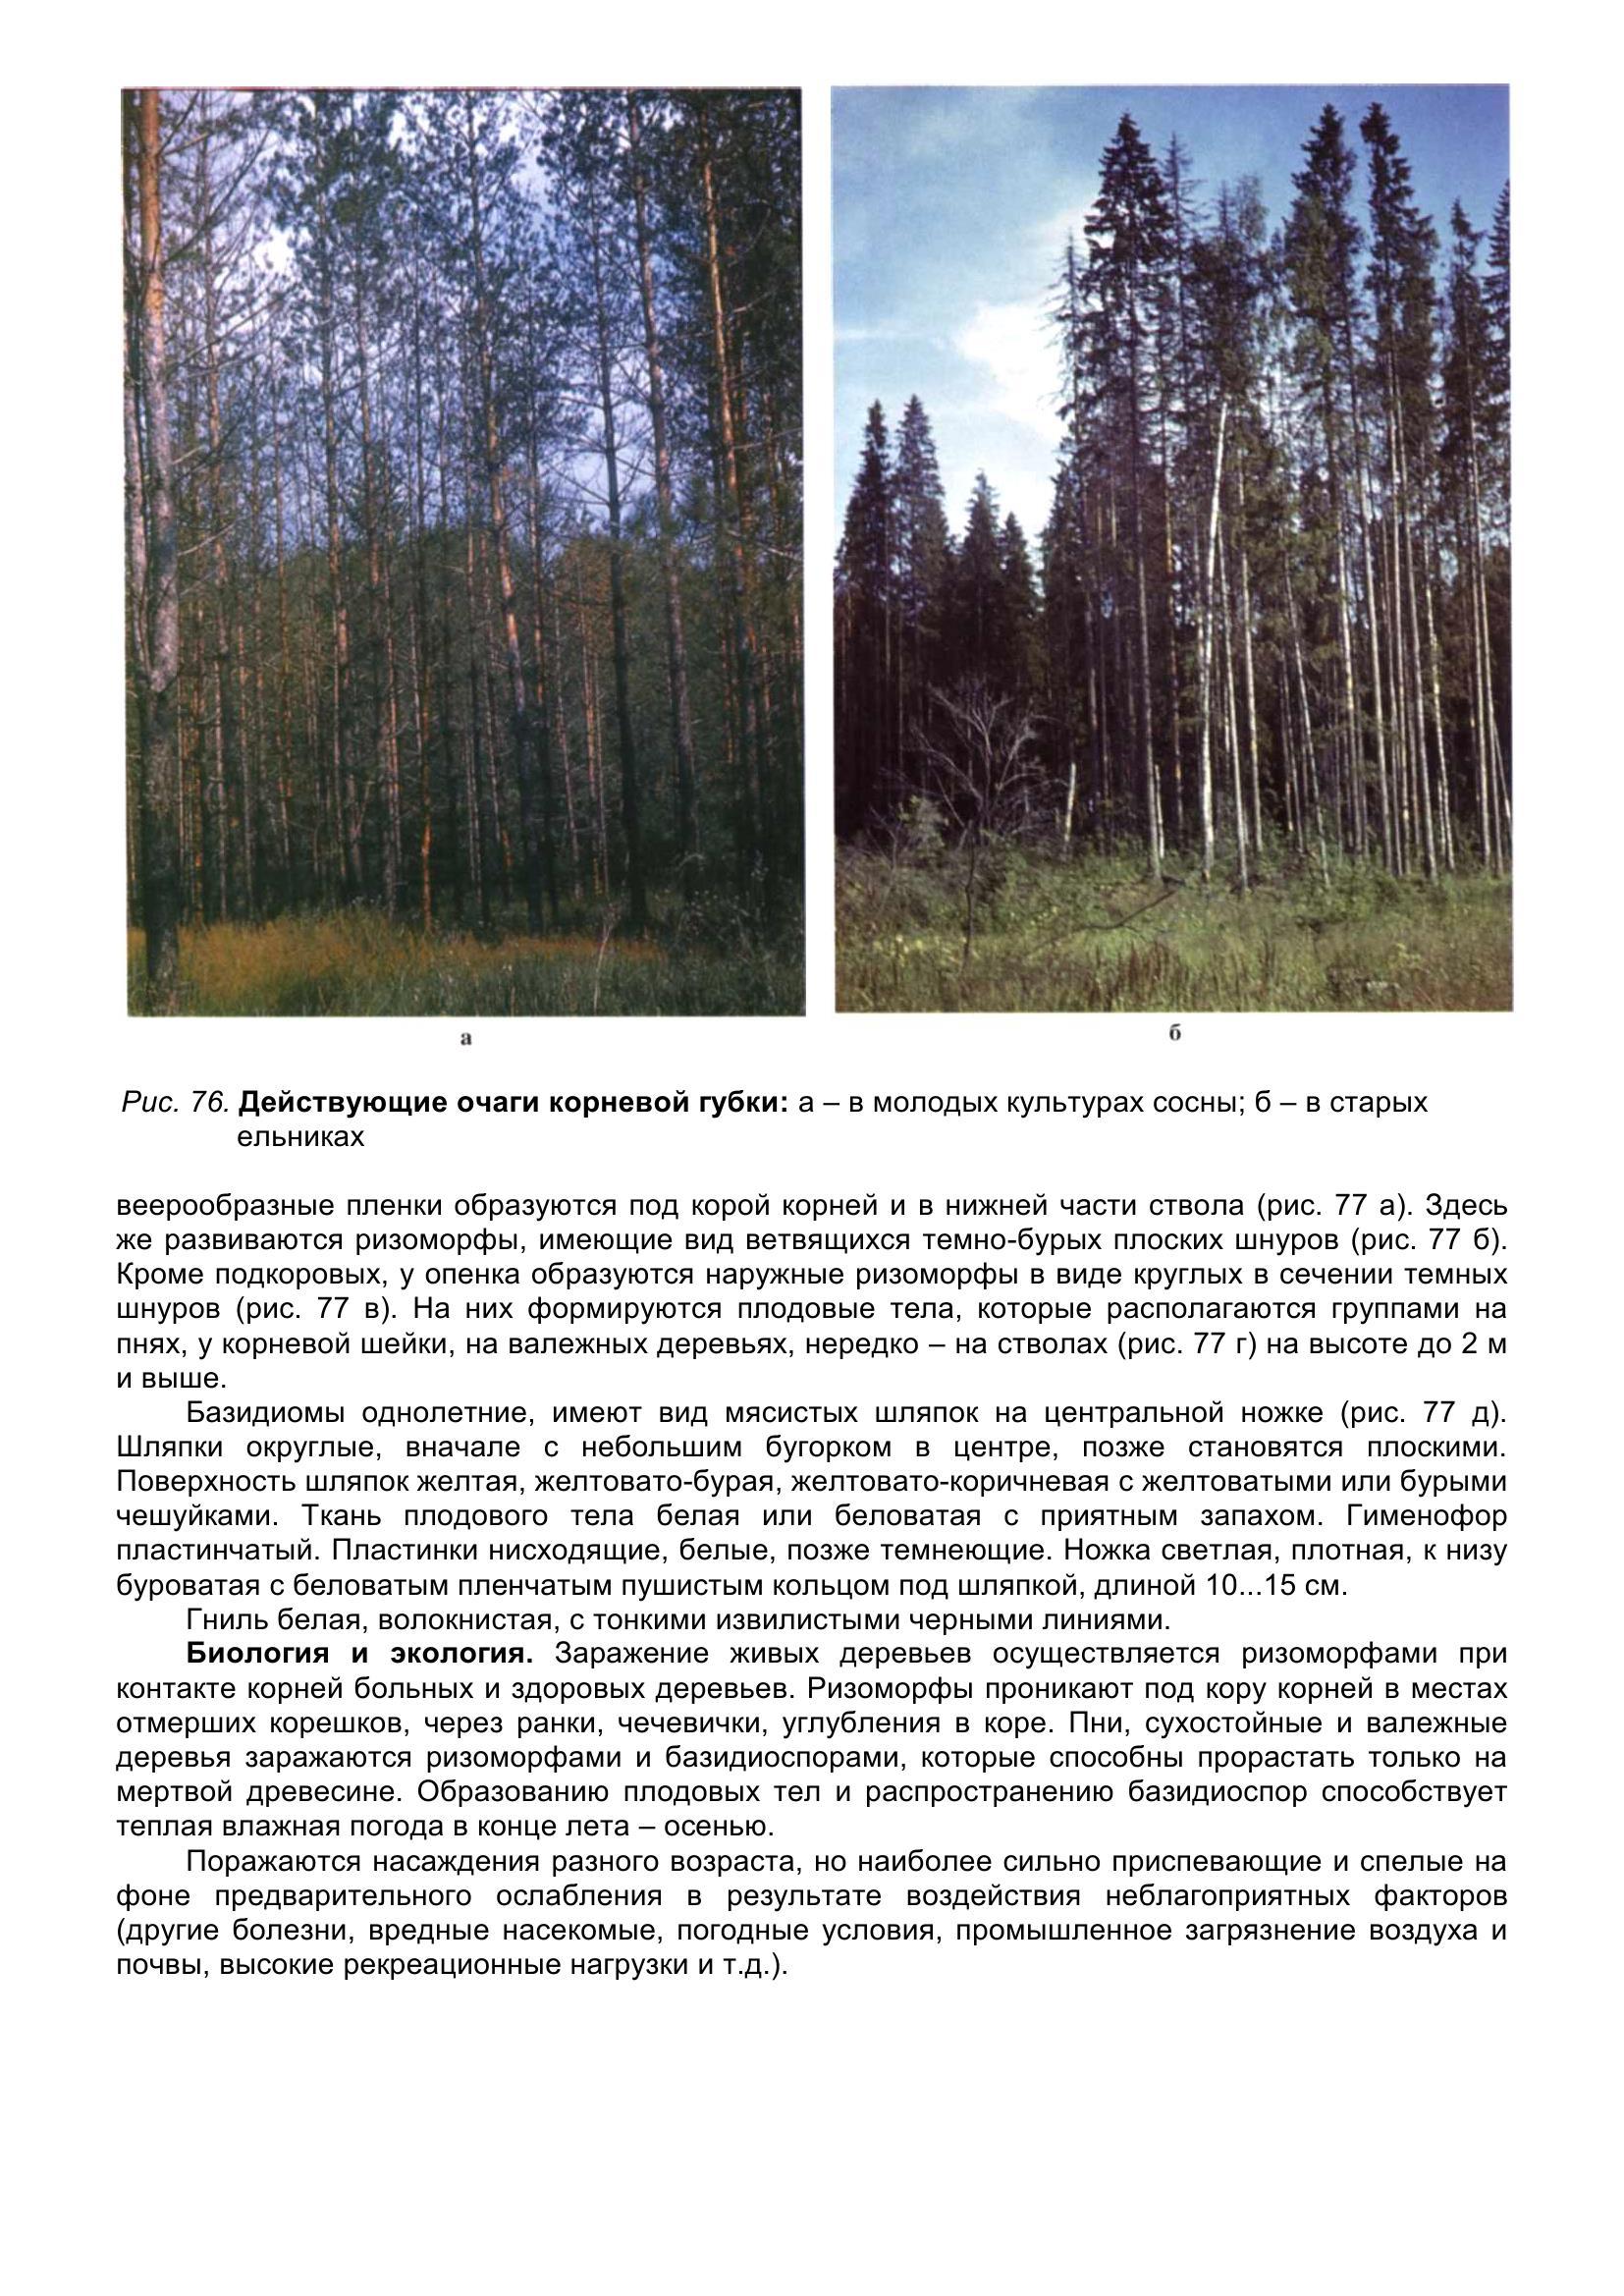 Болезни_древесных_растений_089.jpg